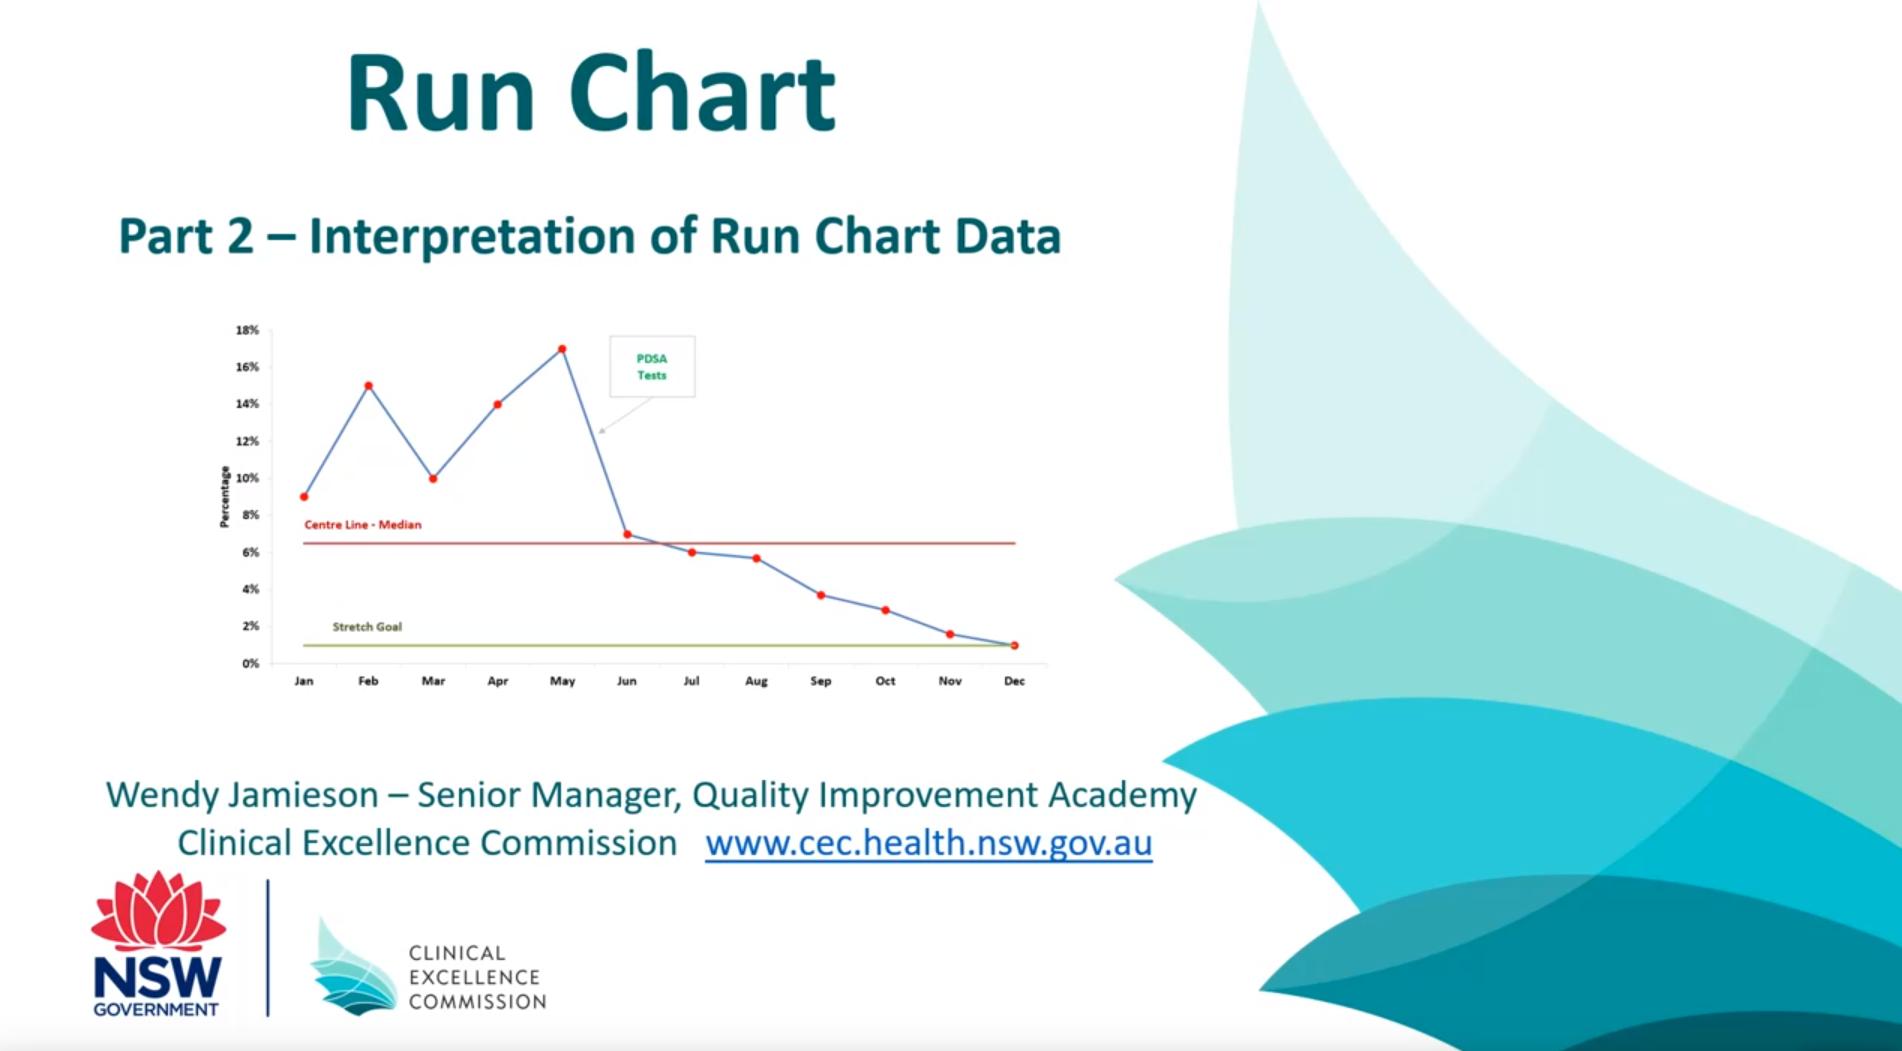 Run Chart Part 2